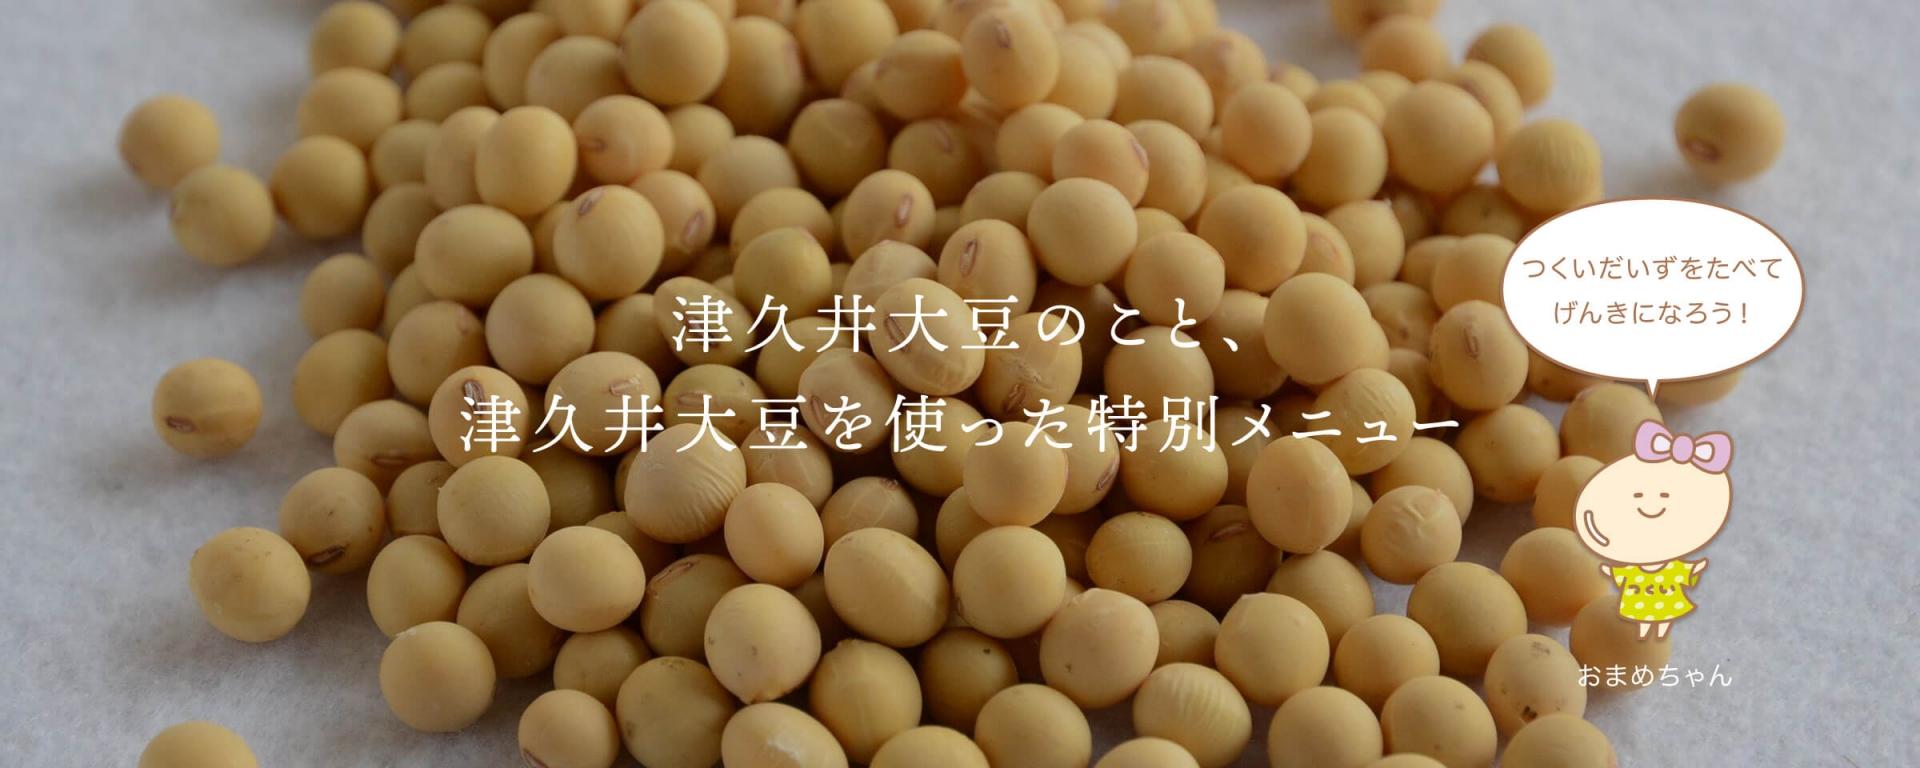 津久井大豆のこと、津久井大豆を使った特別メニュー